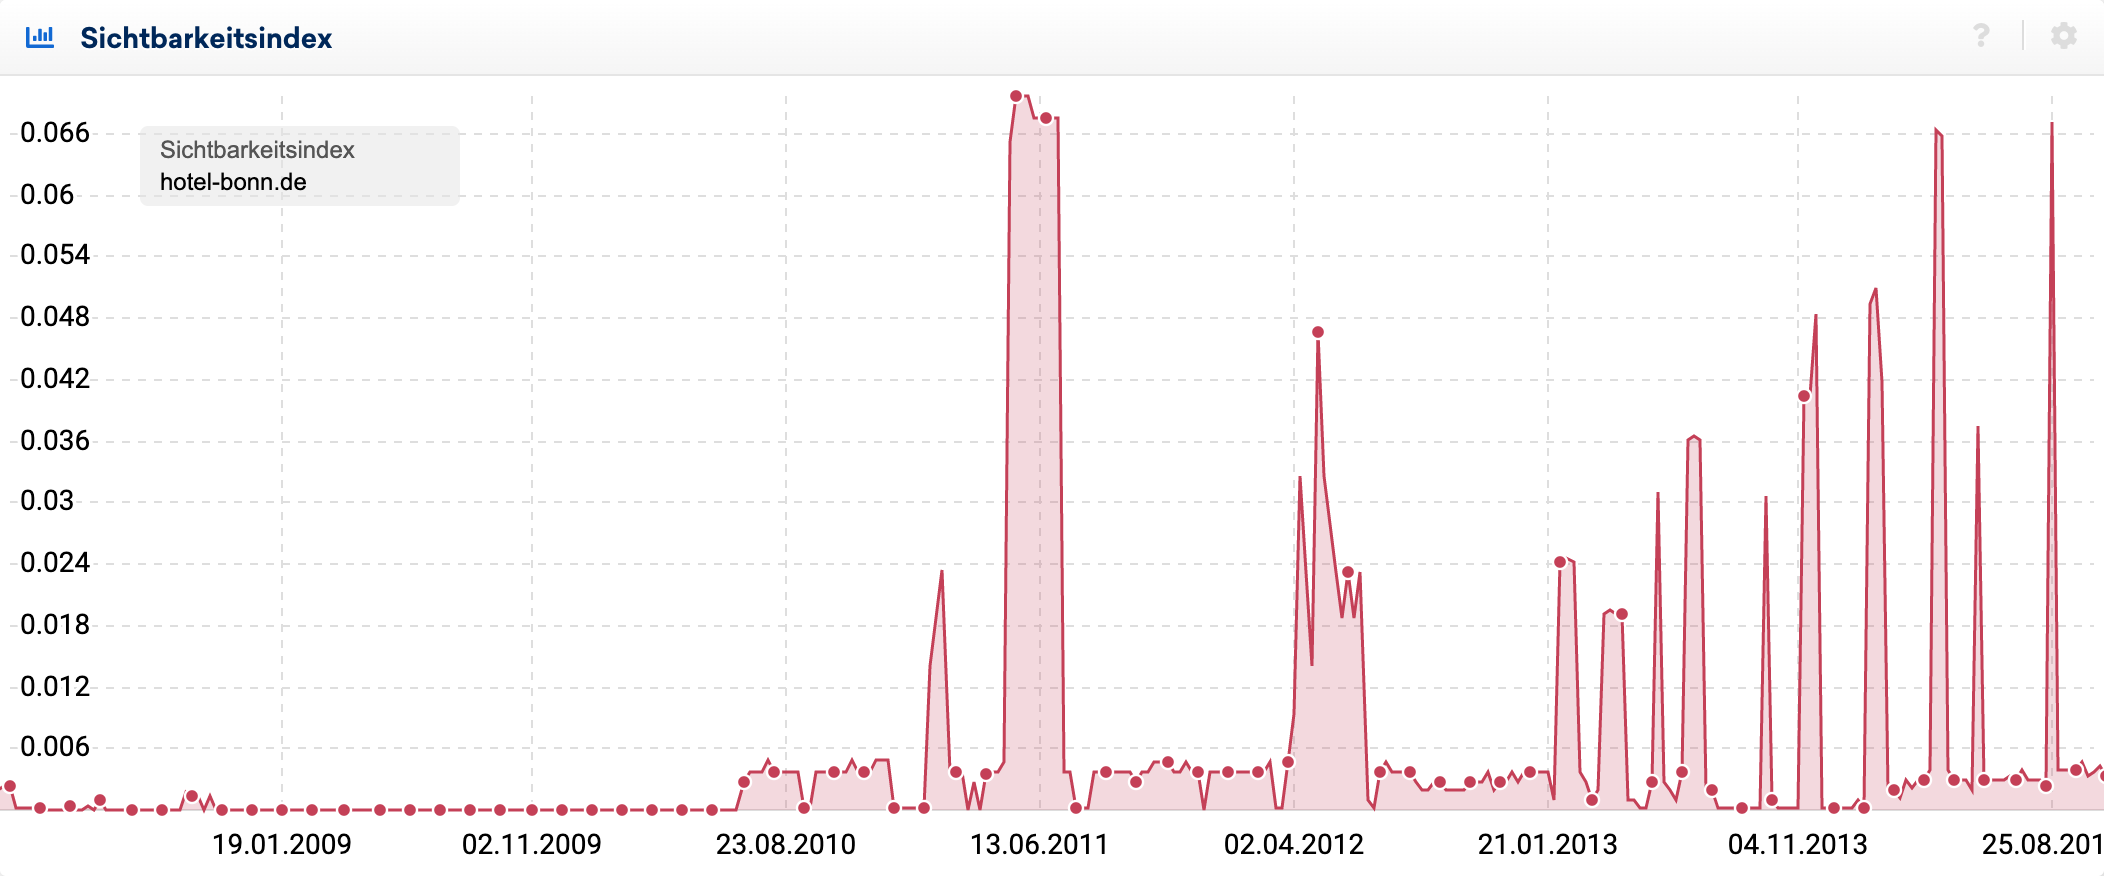 Sichtbarkeitsindex-Verlauf der Domain hotel-bonn.de